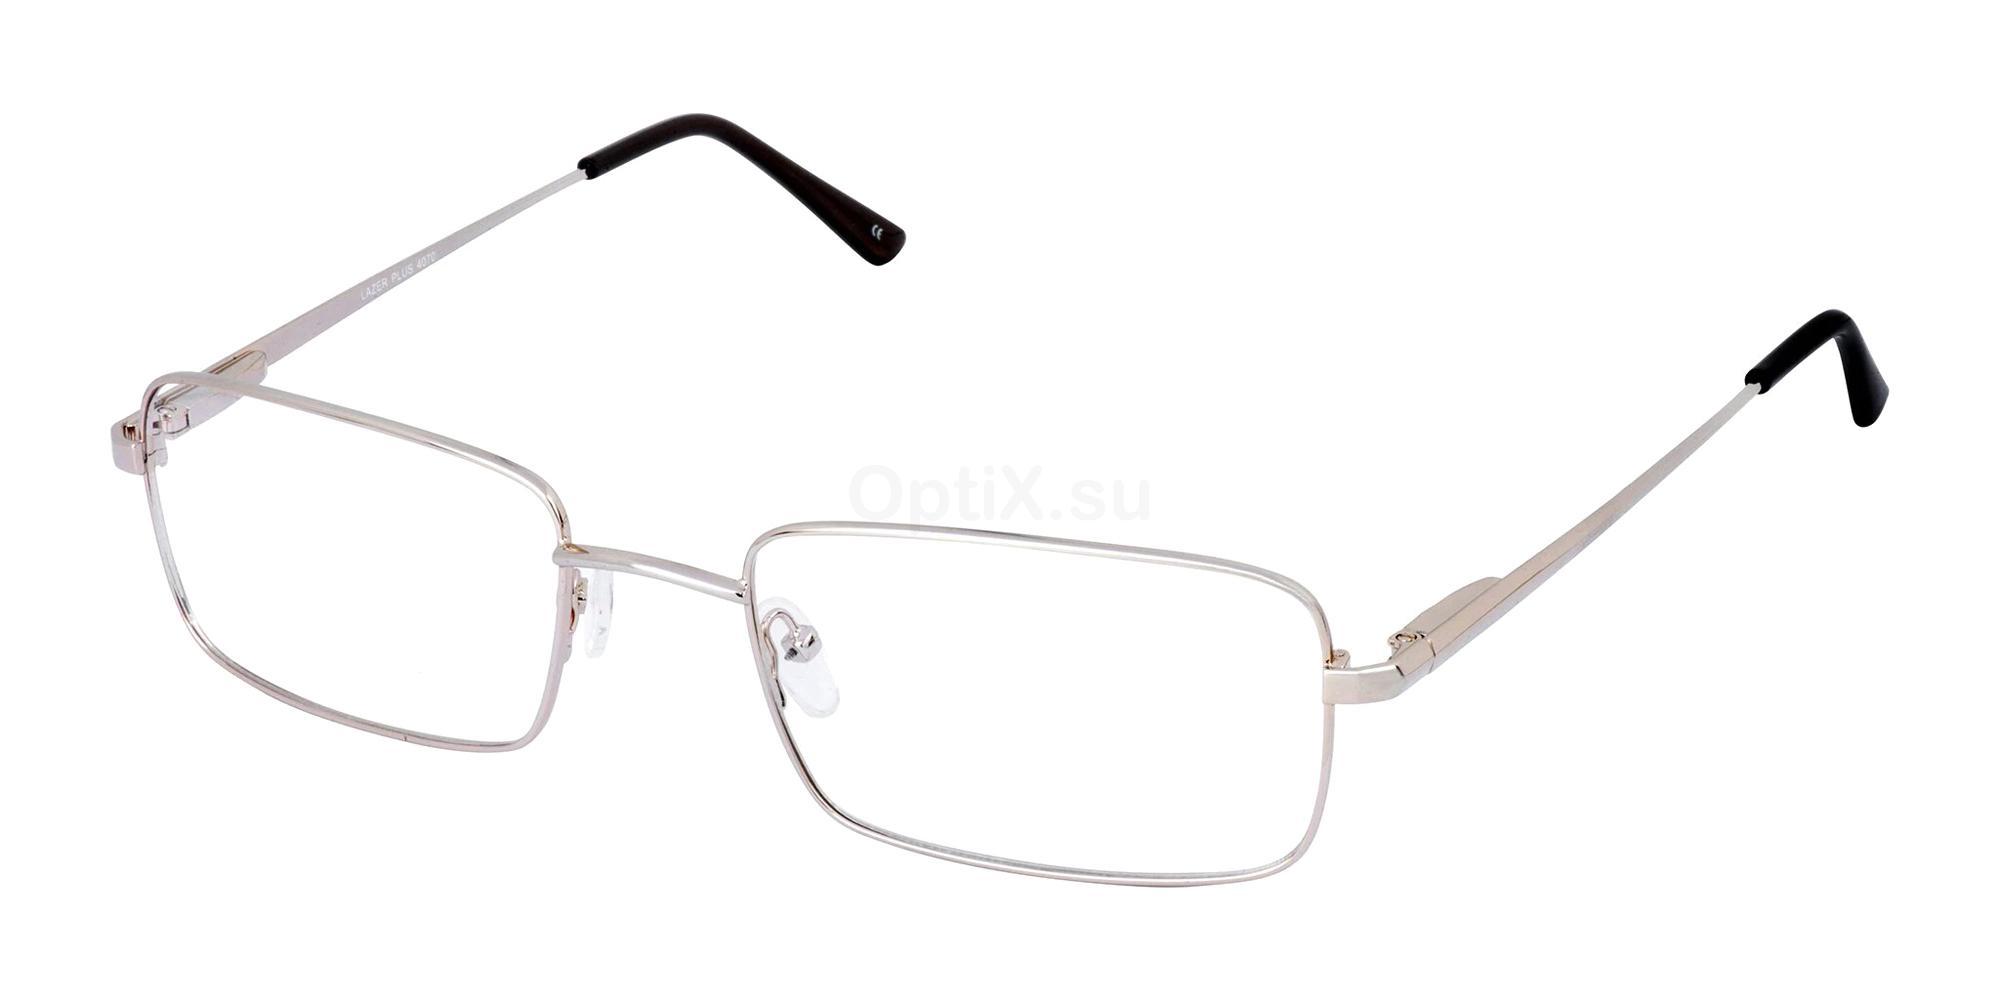 C01 4070 Glasses, LAZER